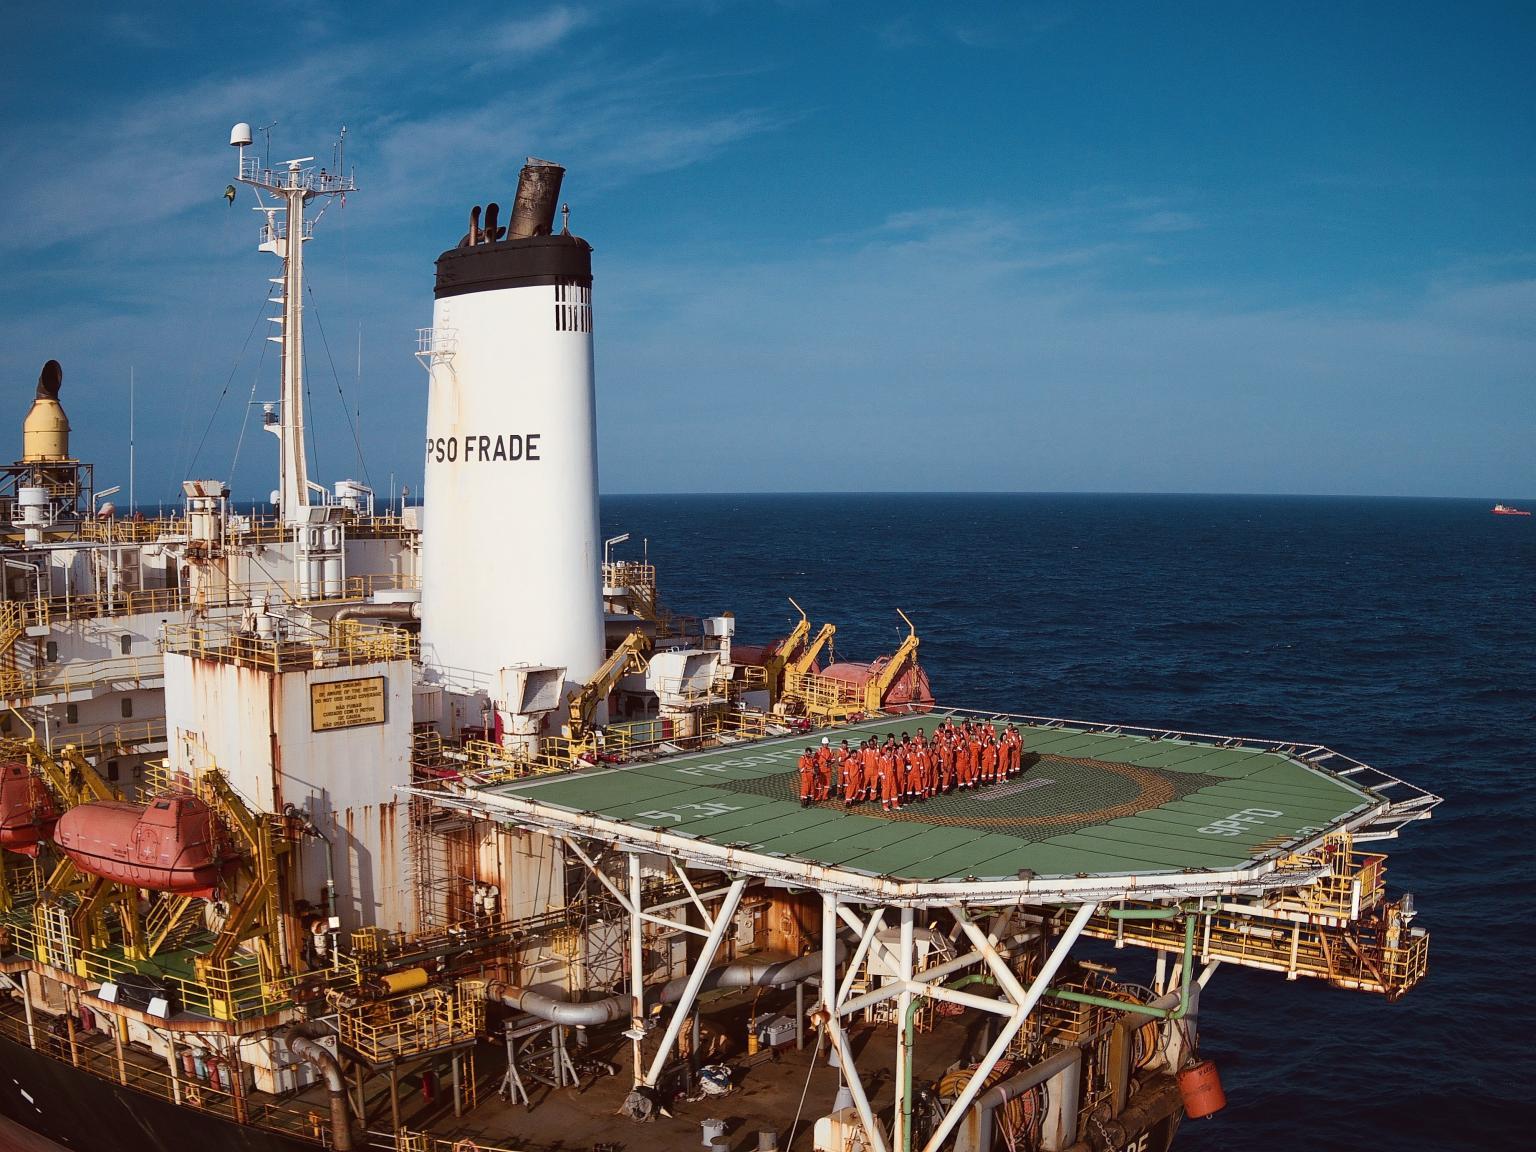 A líder mundial offshore V.Ships abre nesta tarde (07) muitas vagas para trabalhar em FPSO